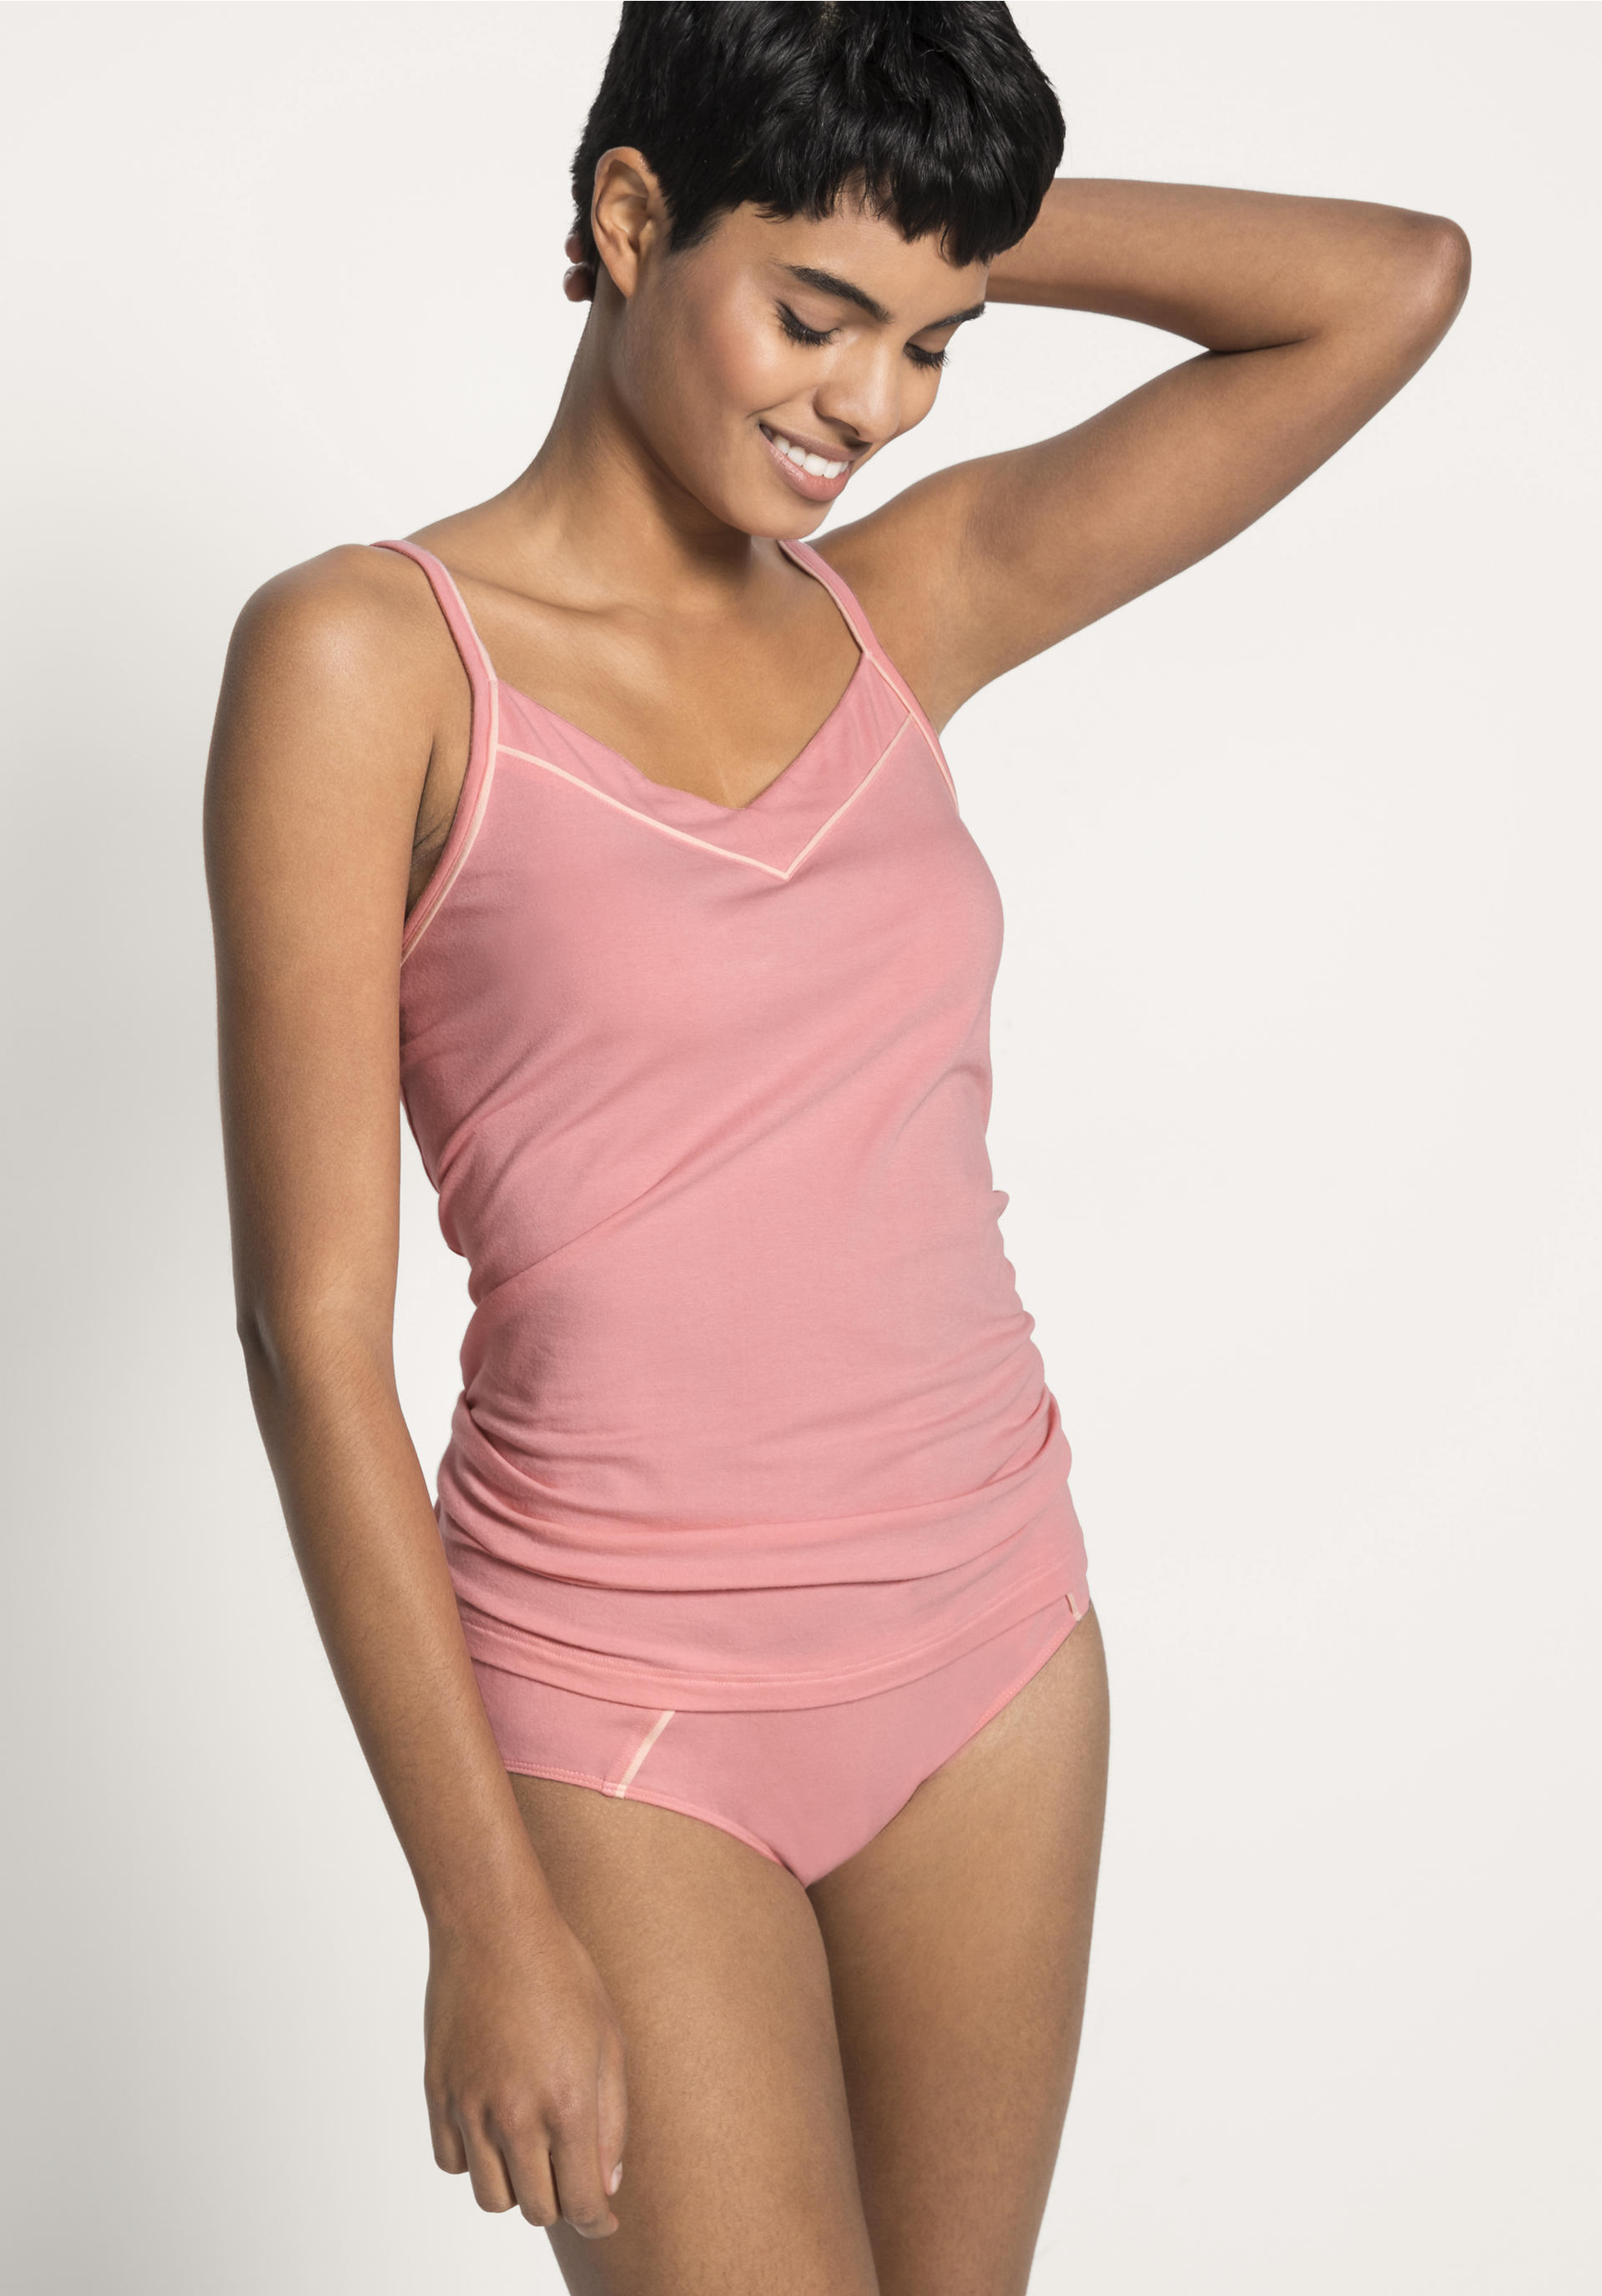 low priced 65fd3 b9bec Damen Unterhemd aus Bio-Baumwolle und Modal von hessnatur